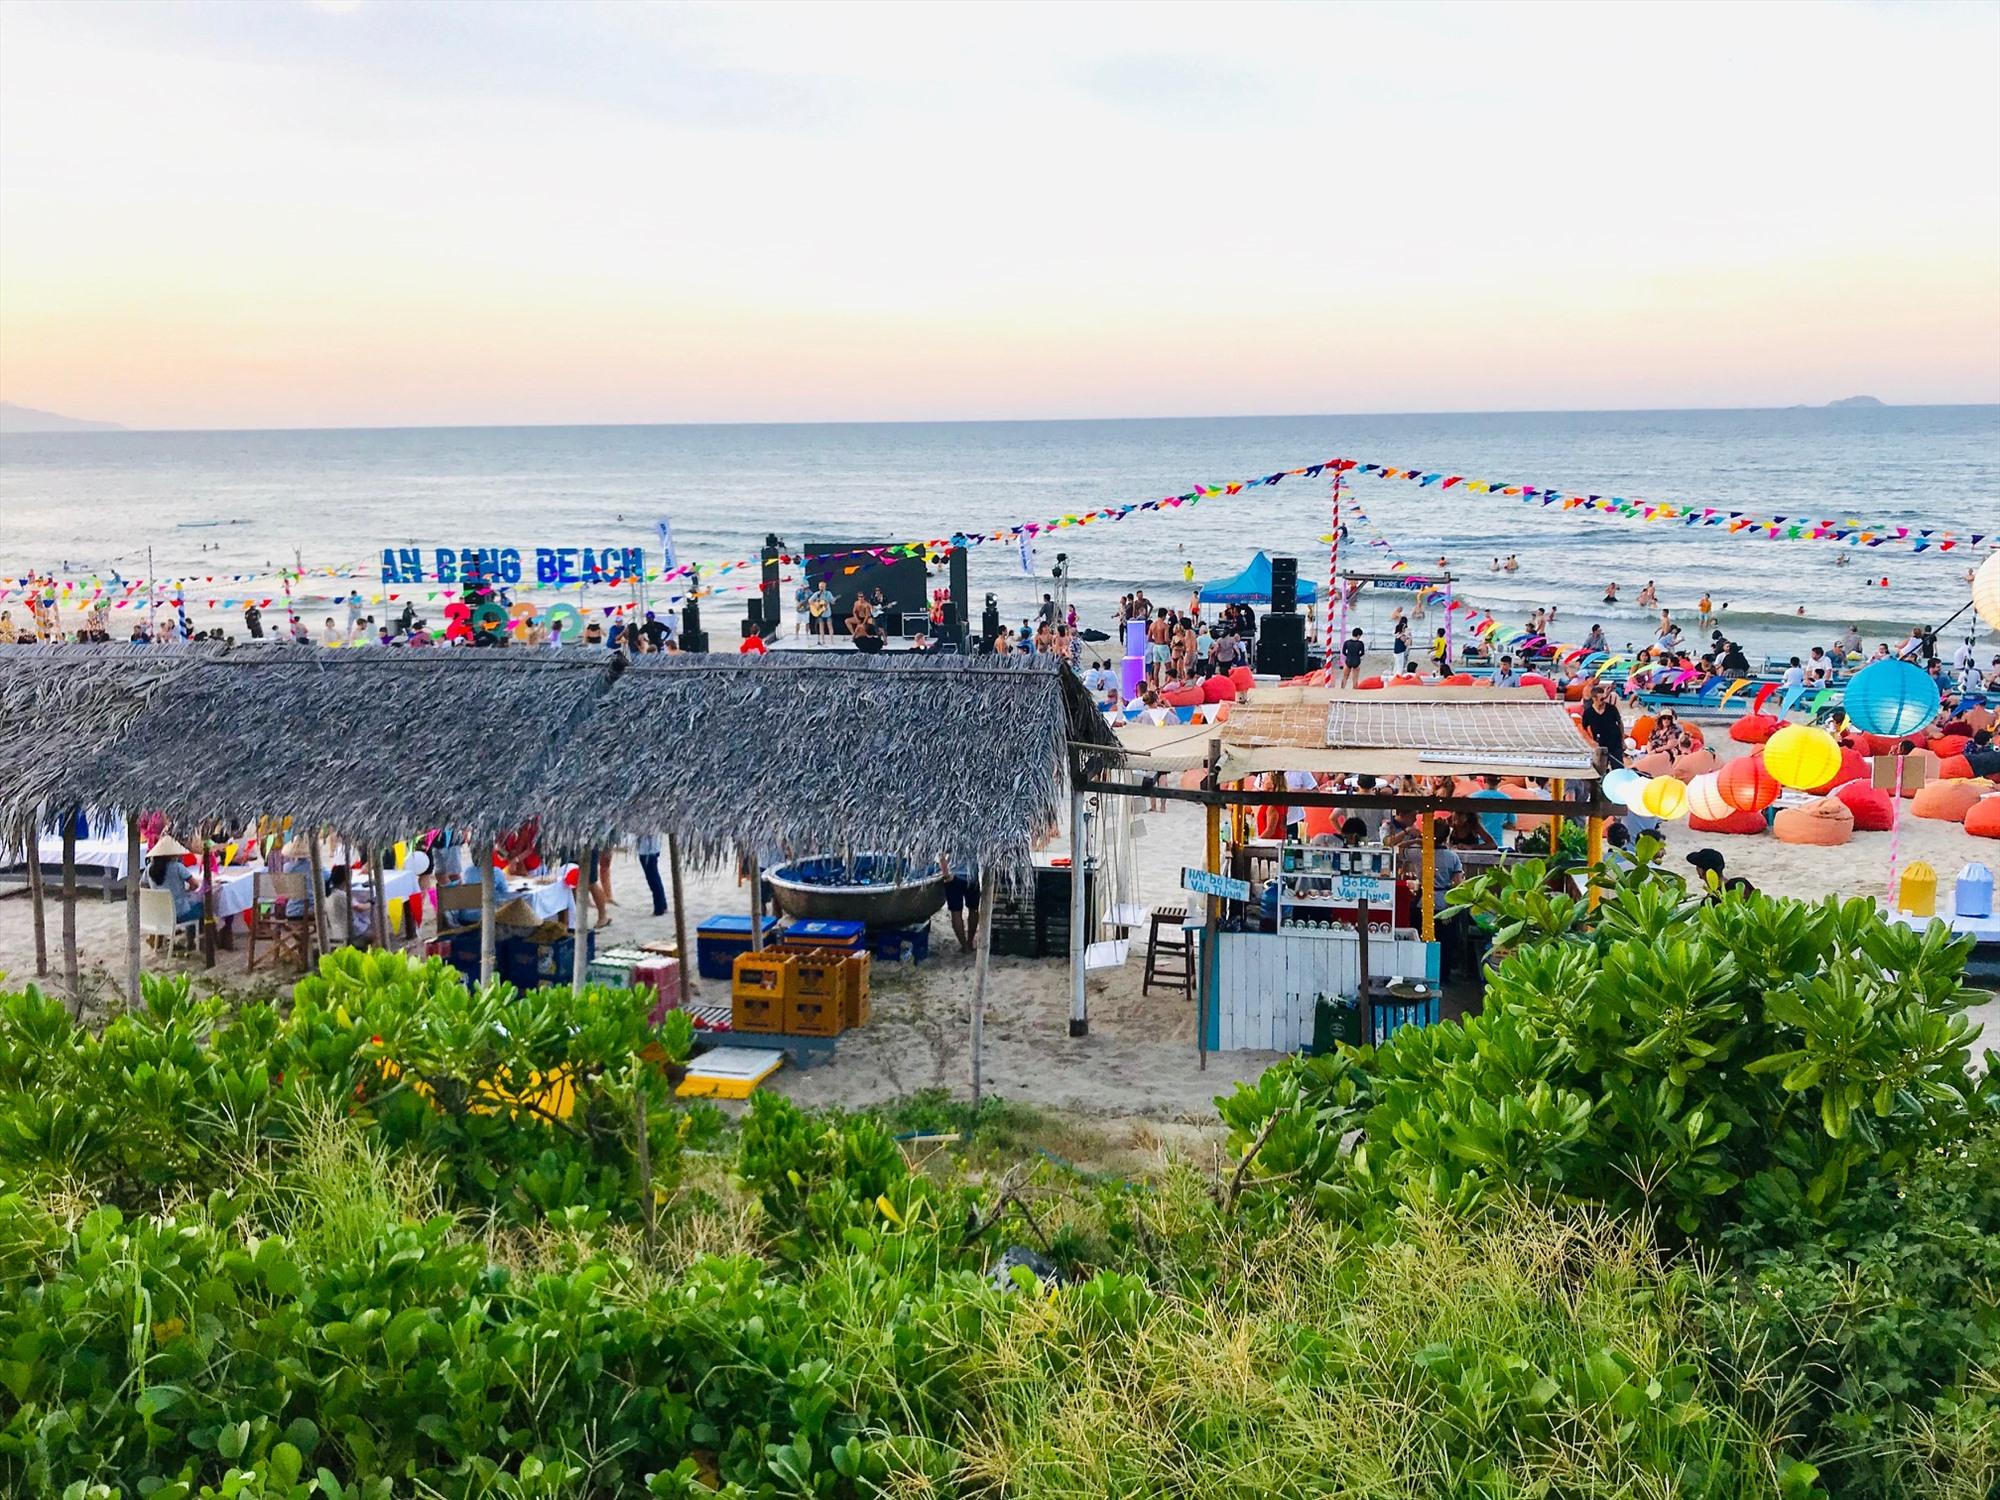 Biển An Bàng trong mùa lễ hội năm 2020. Ảnh: Q.T